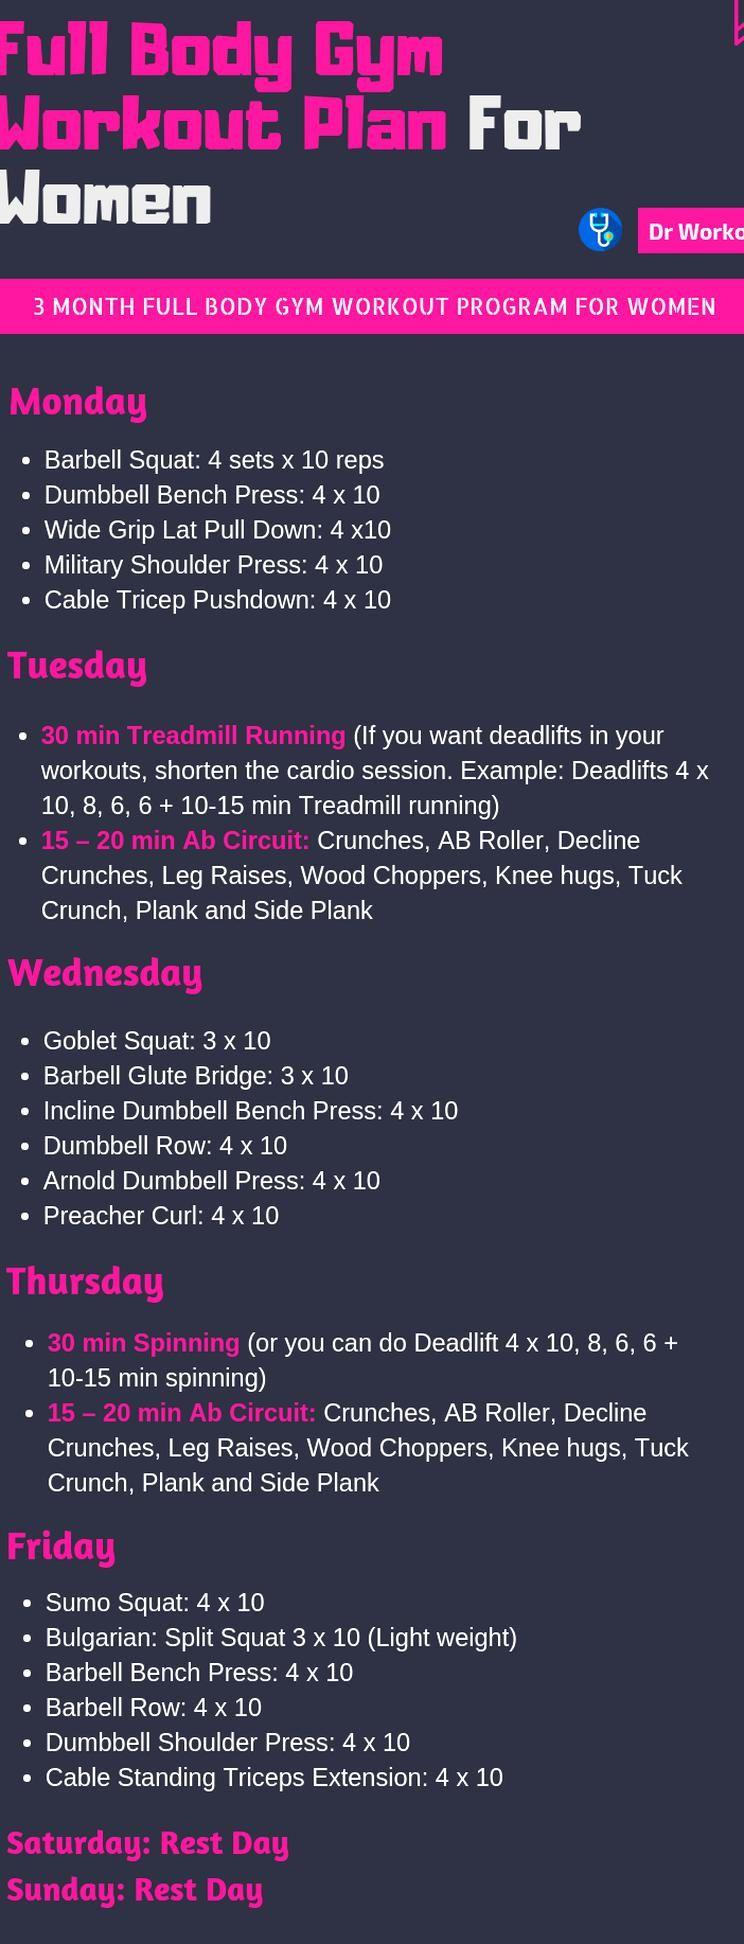 Full Body Gym Workout Plan For Women Full Body Gym Workout Gym Workout Plan For Women Workout Plan For Women